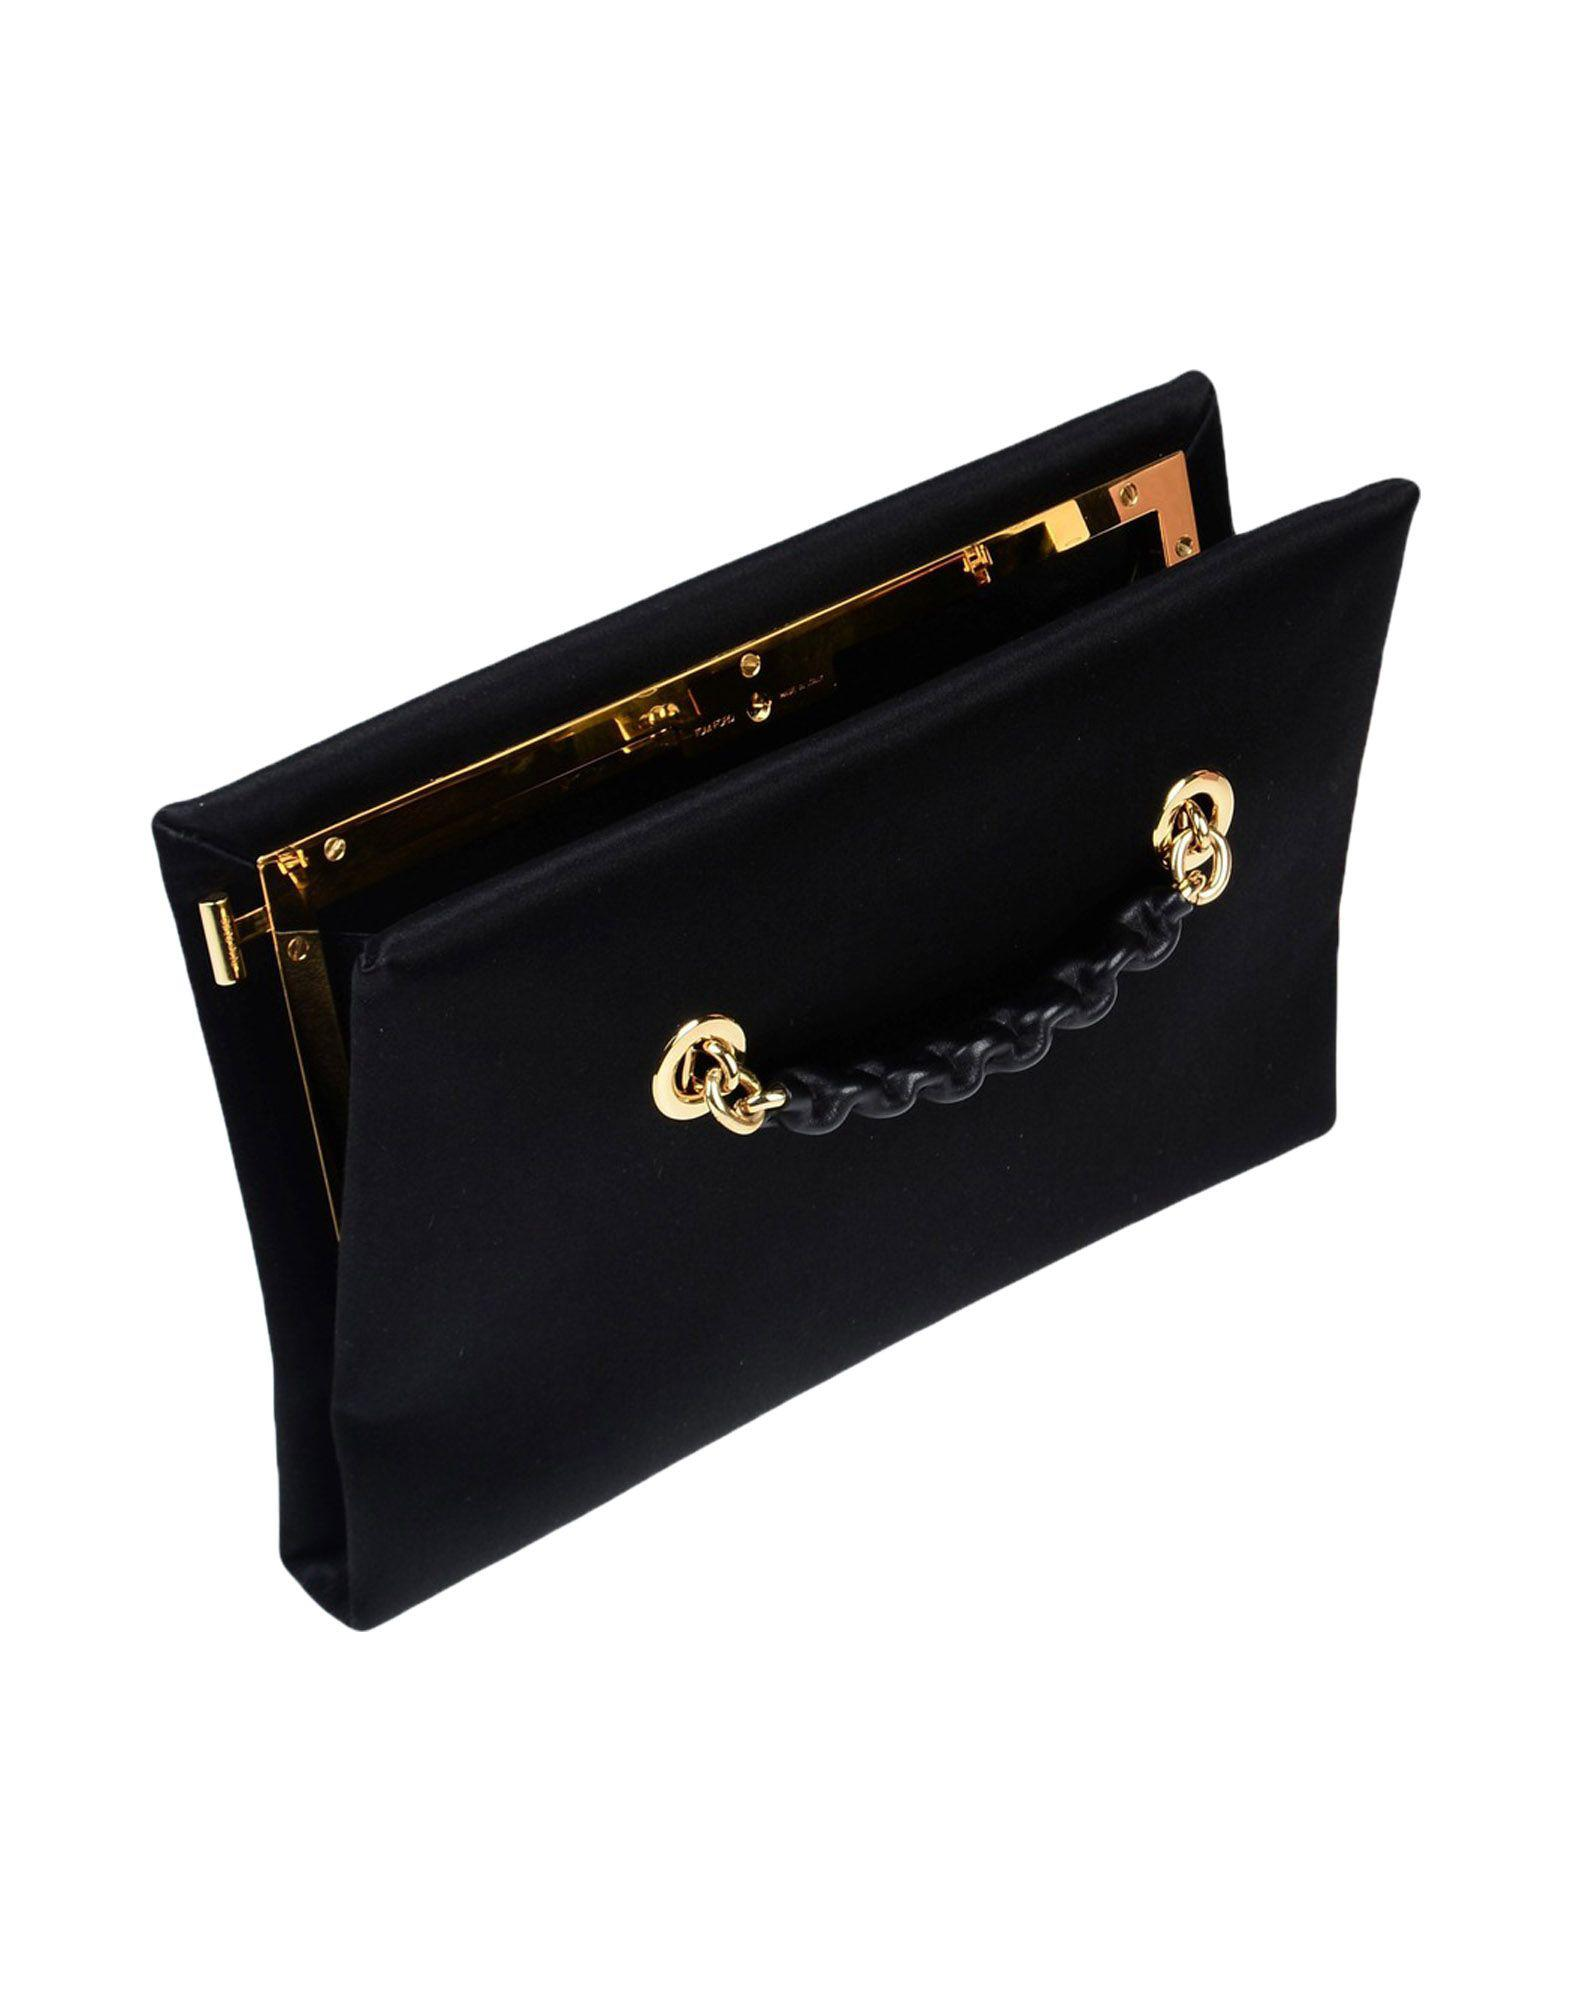 Tom Ford Satin Cross-body Bag in Black